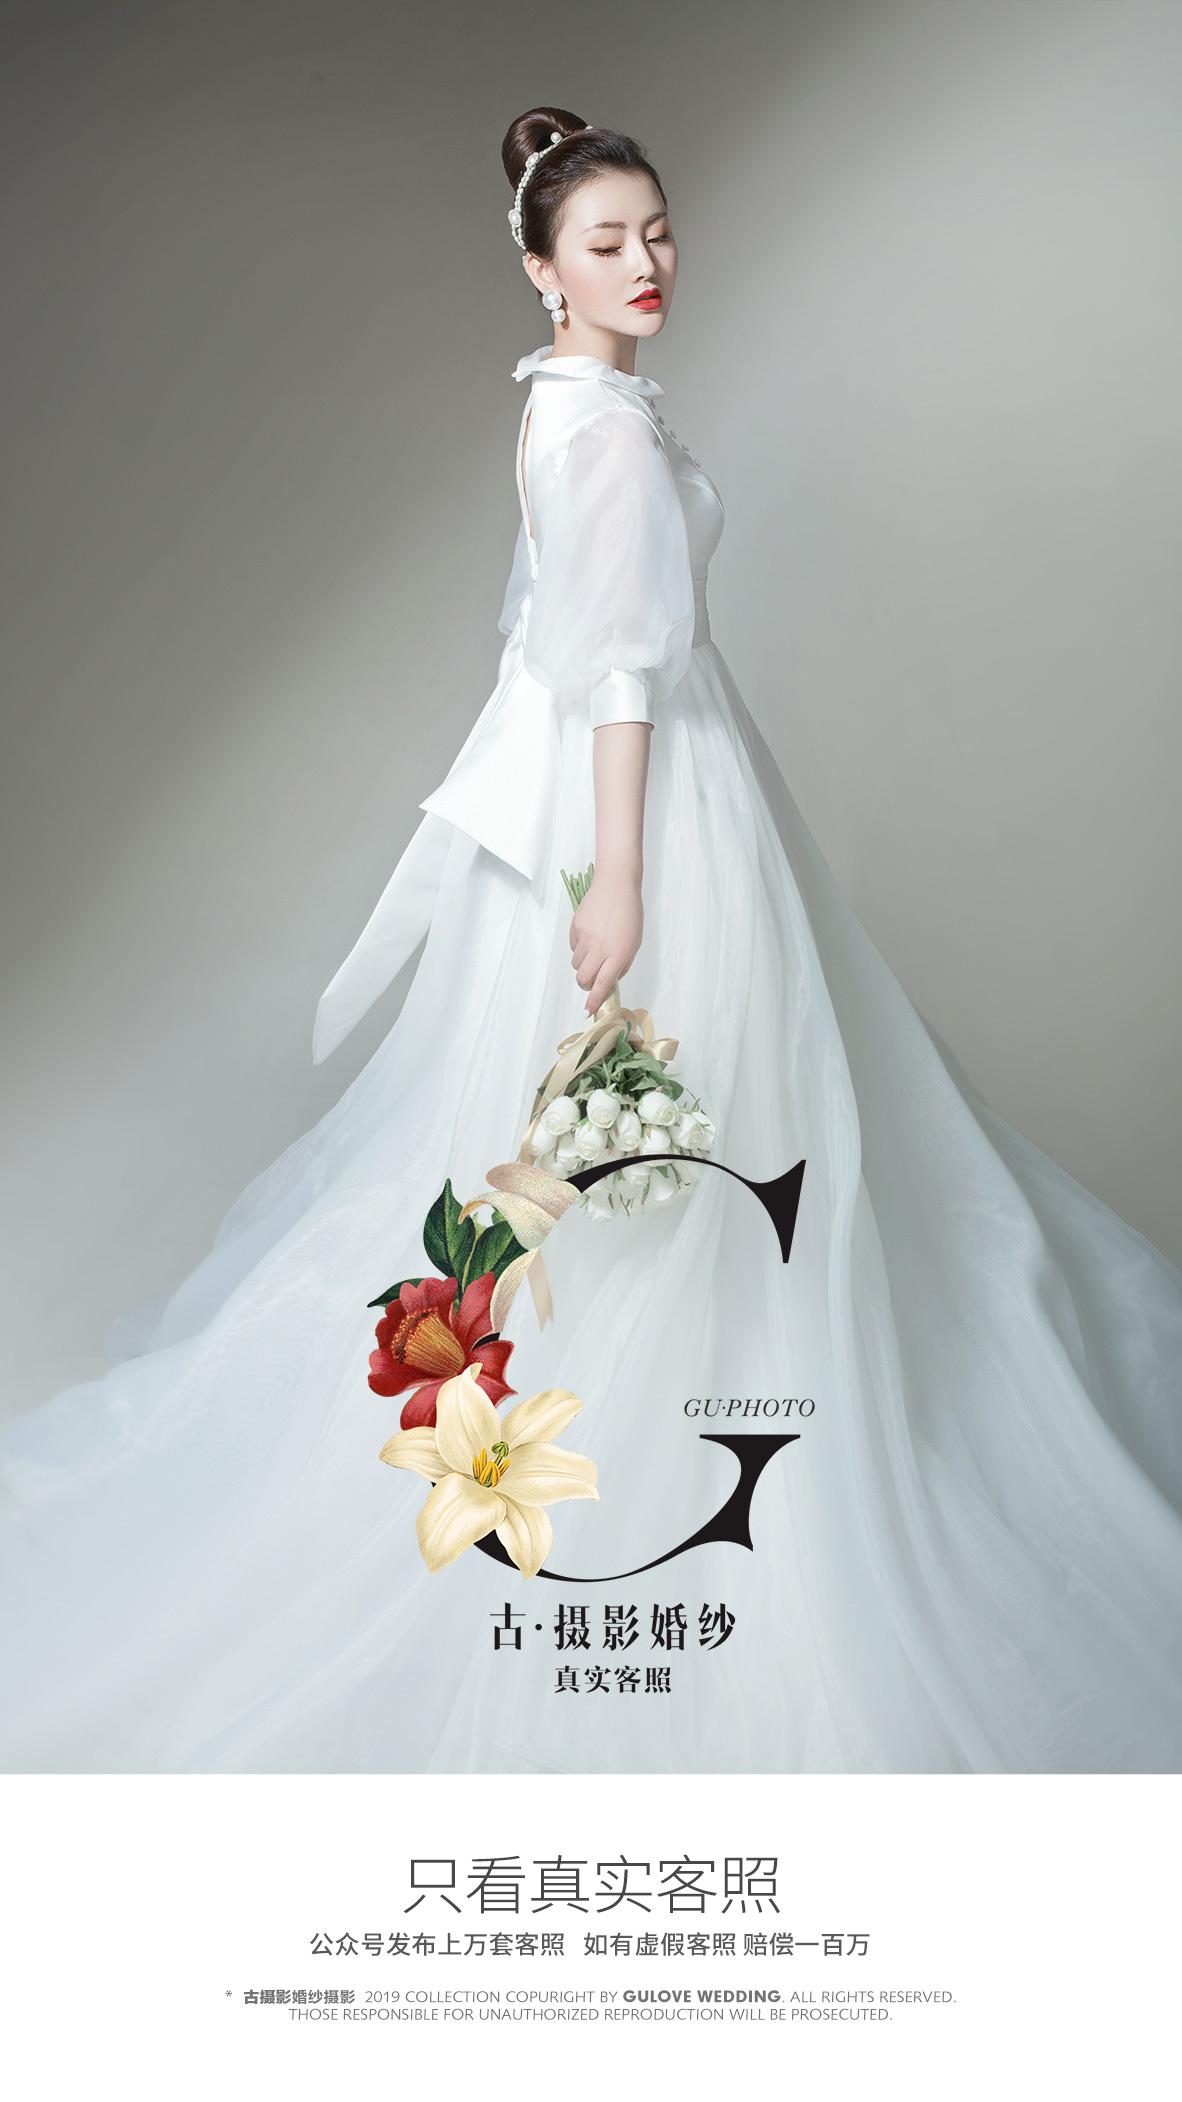 10月客照第二季 - 月度客照 - 古摄影婚纱艺术-古摄影成都婚纱摄影艺术摄影网